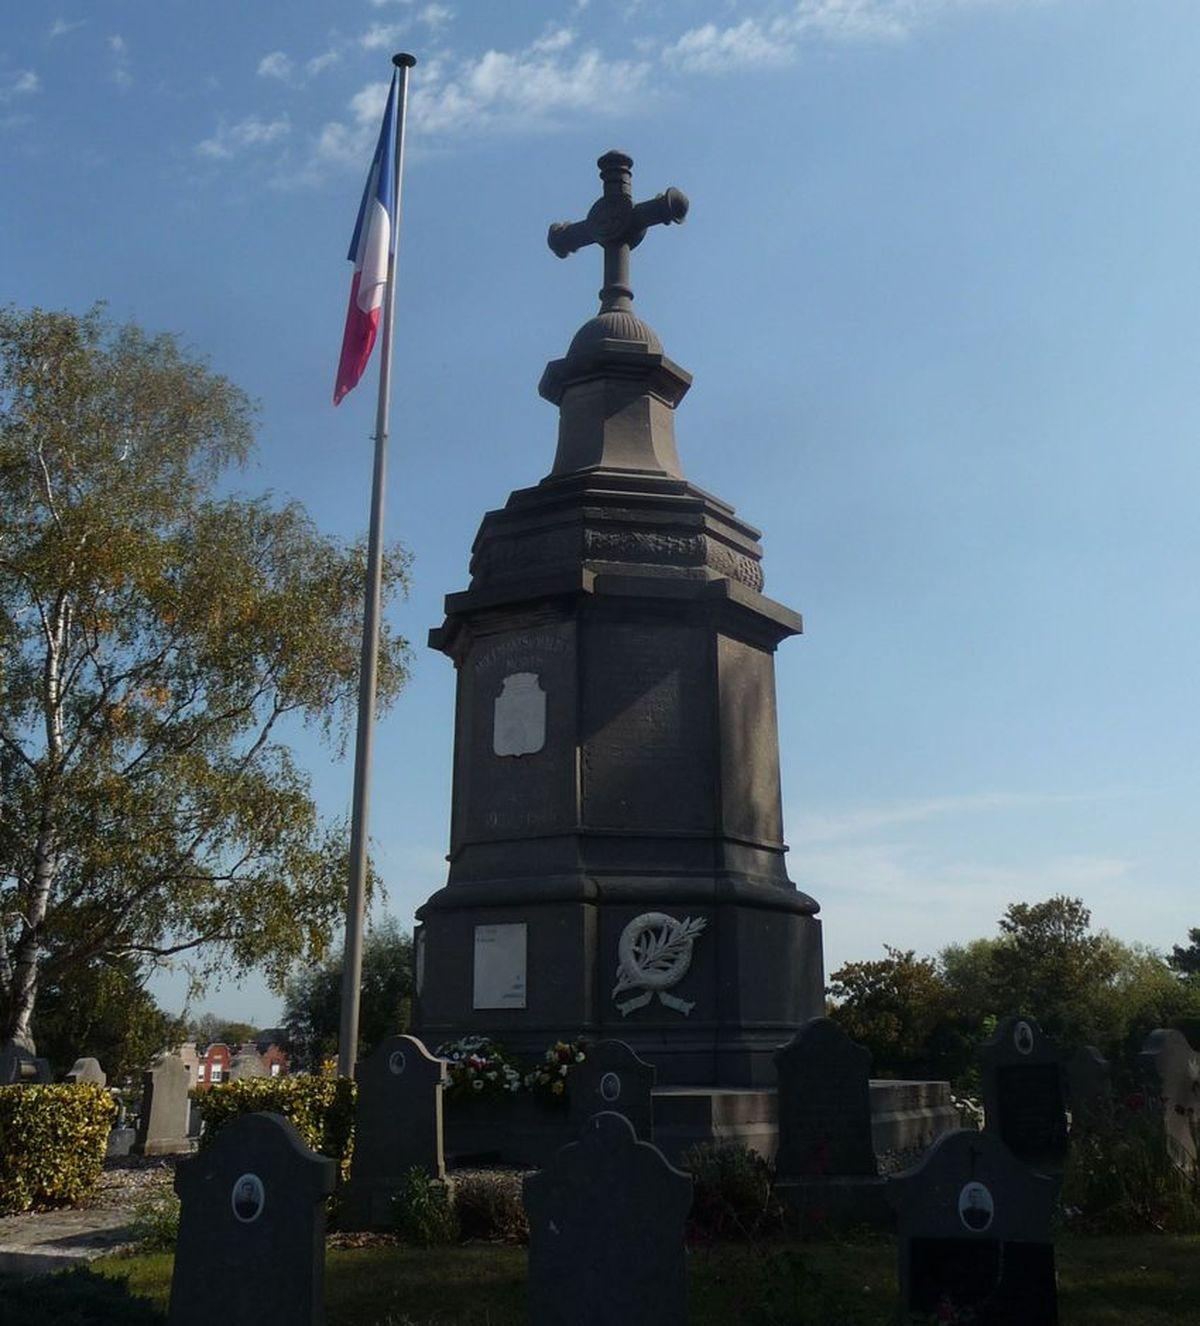 Le Mémorial des Guerres au Cimetière d'Halluin... 13 Septembre 2020.